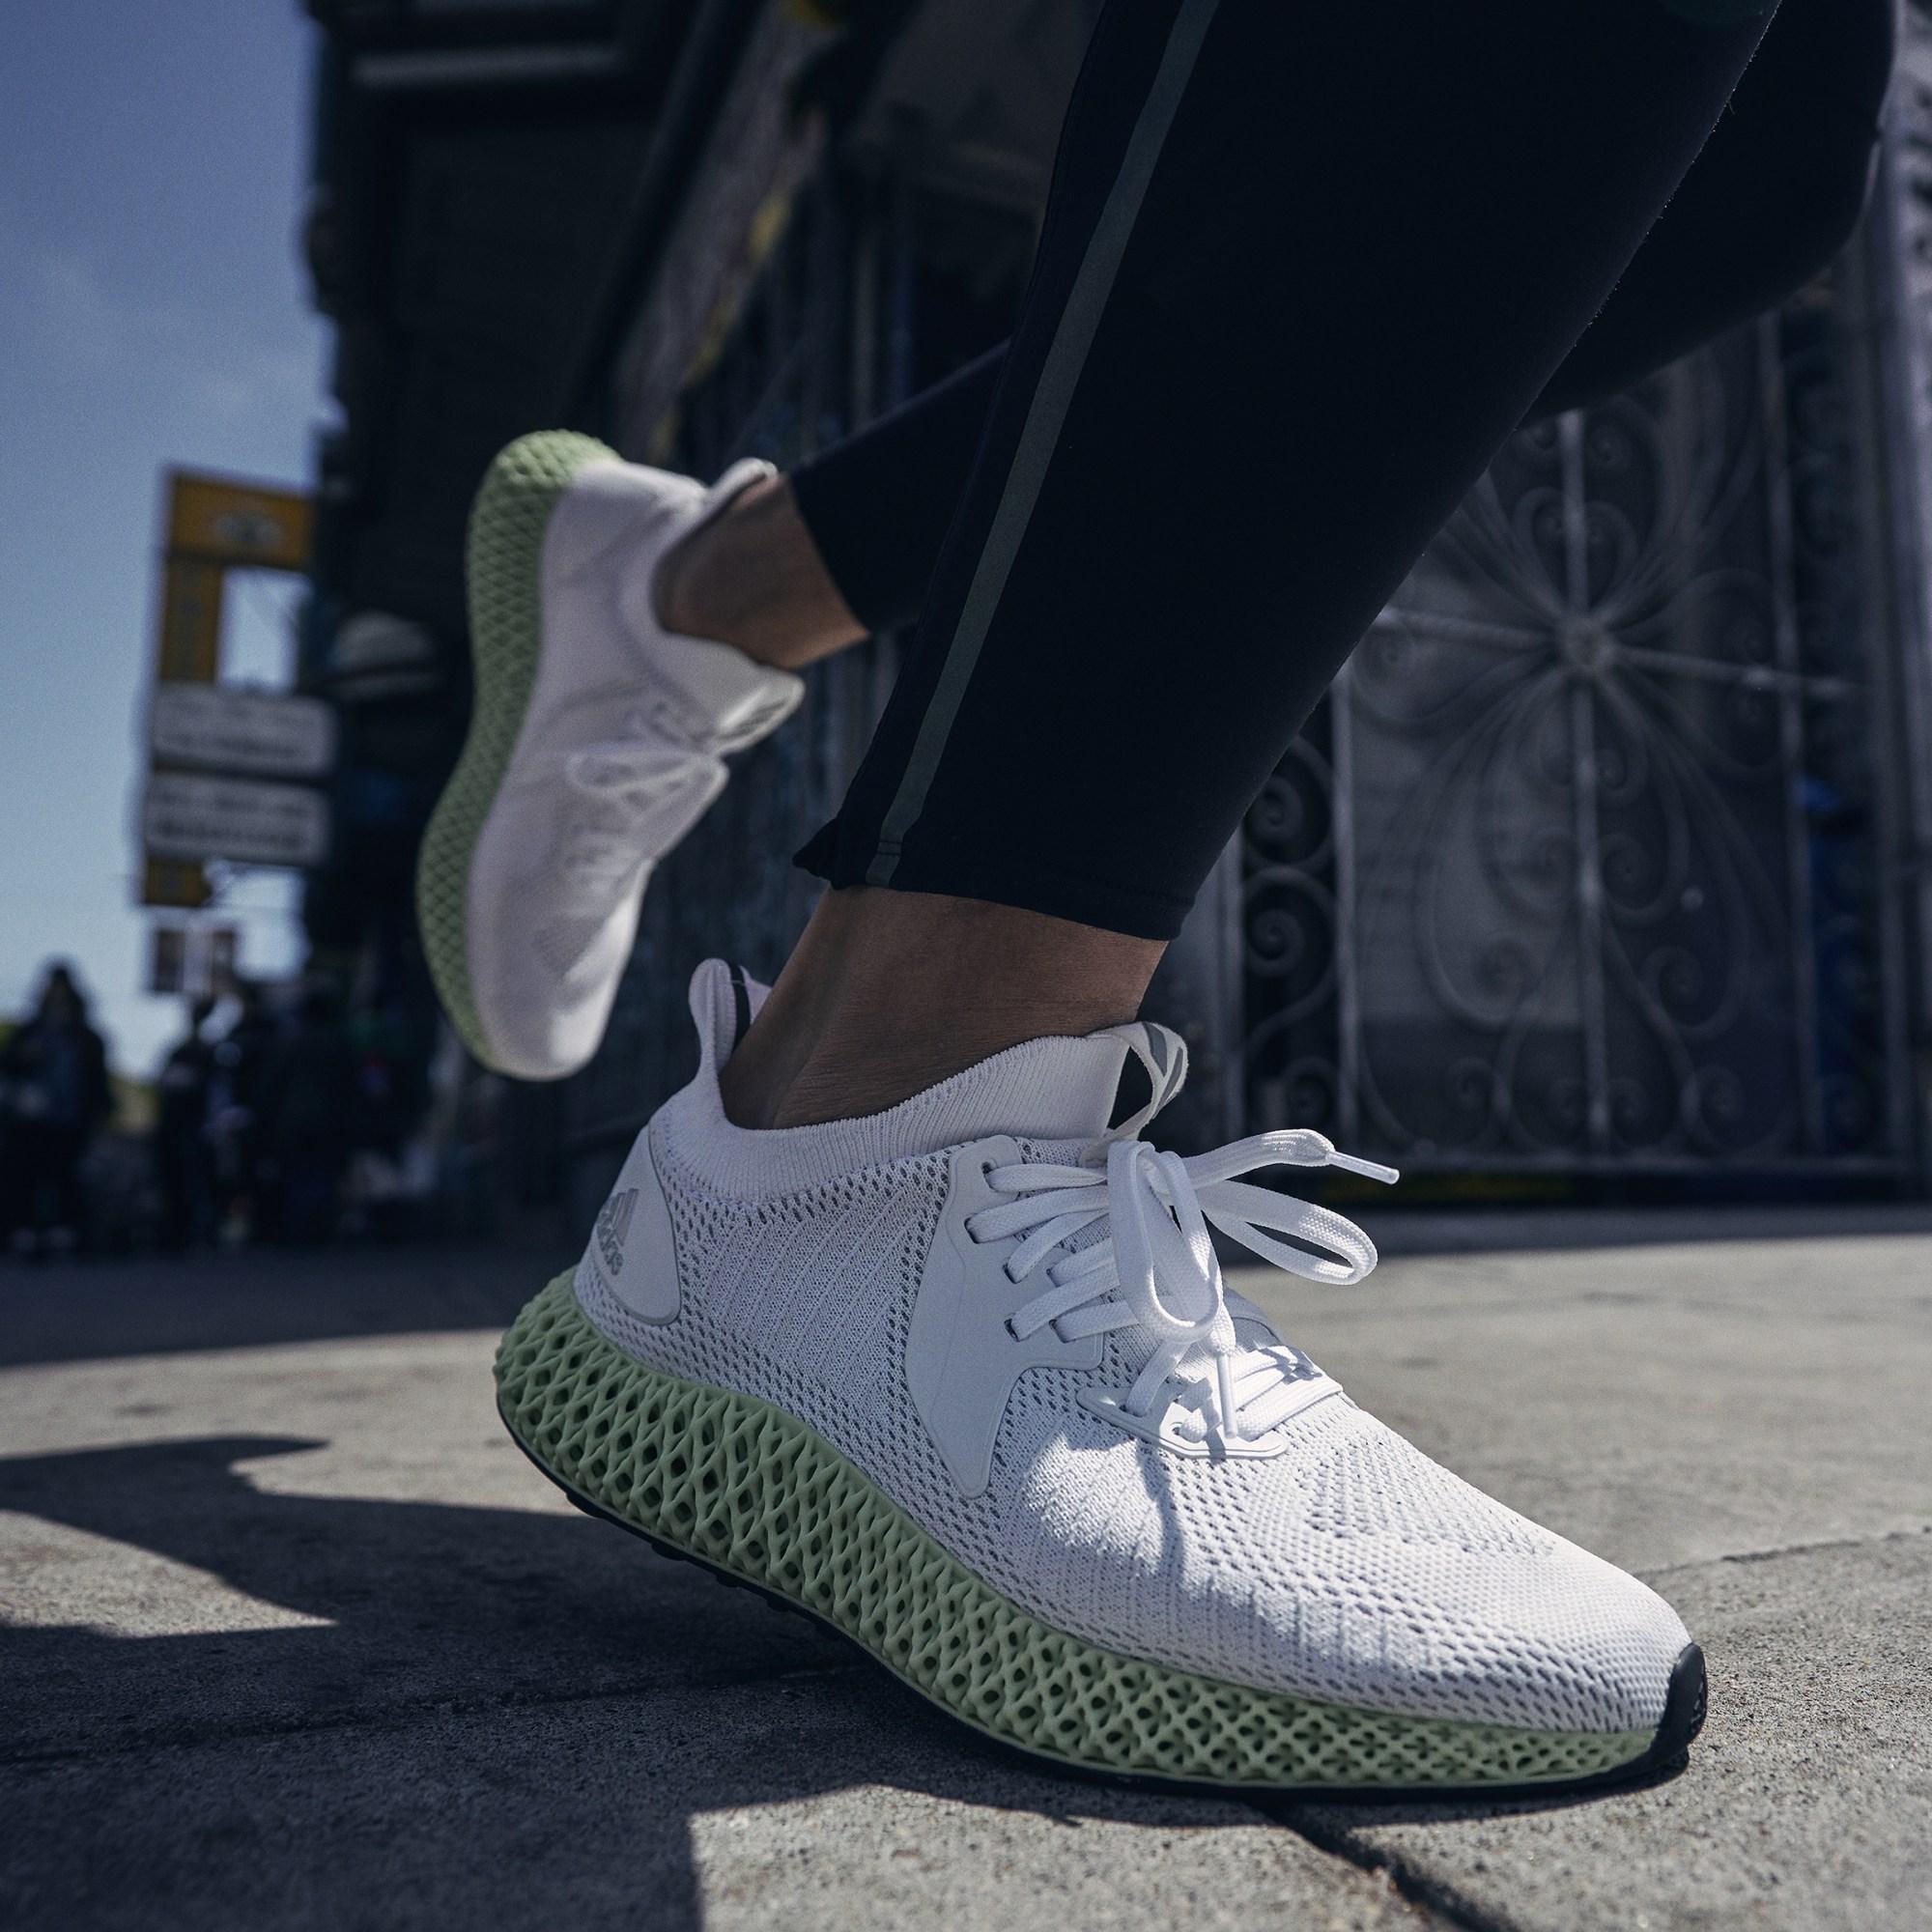 Hàng chính hãng Adidas AlphaEdge 4D Shoe - Reflective White (FV4687)